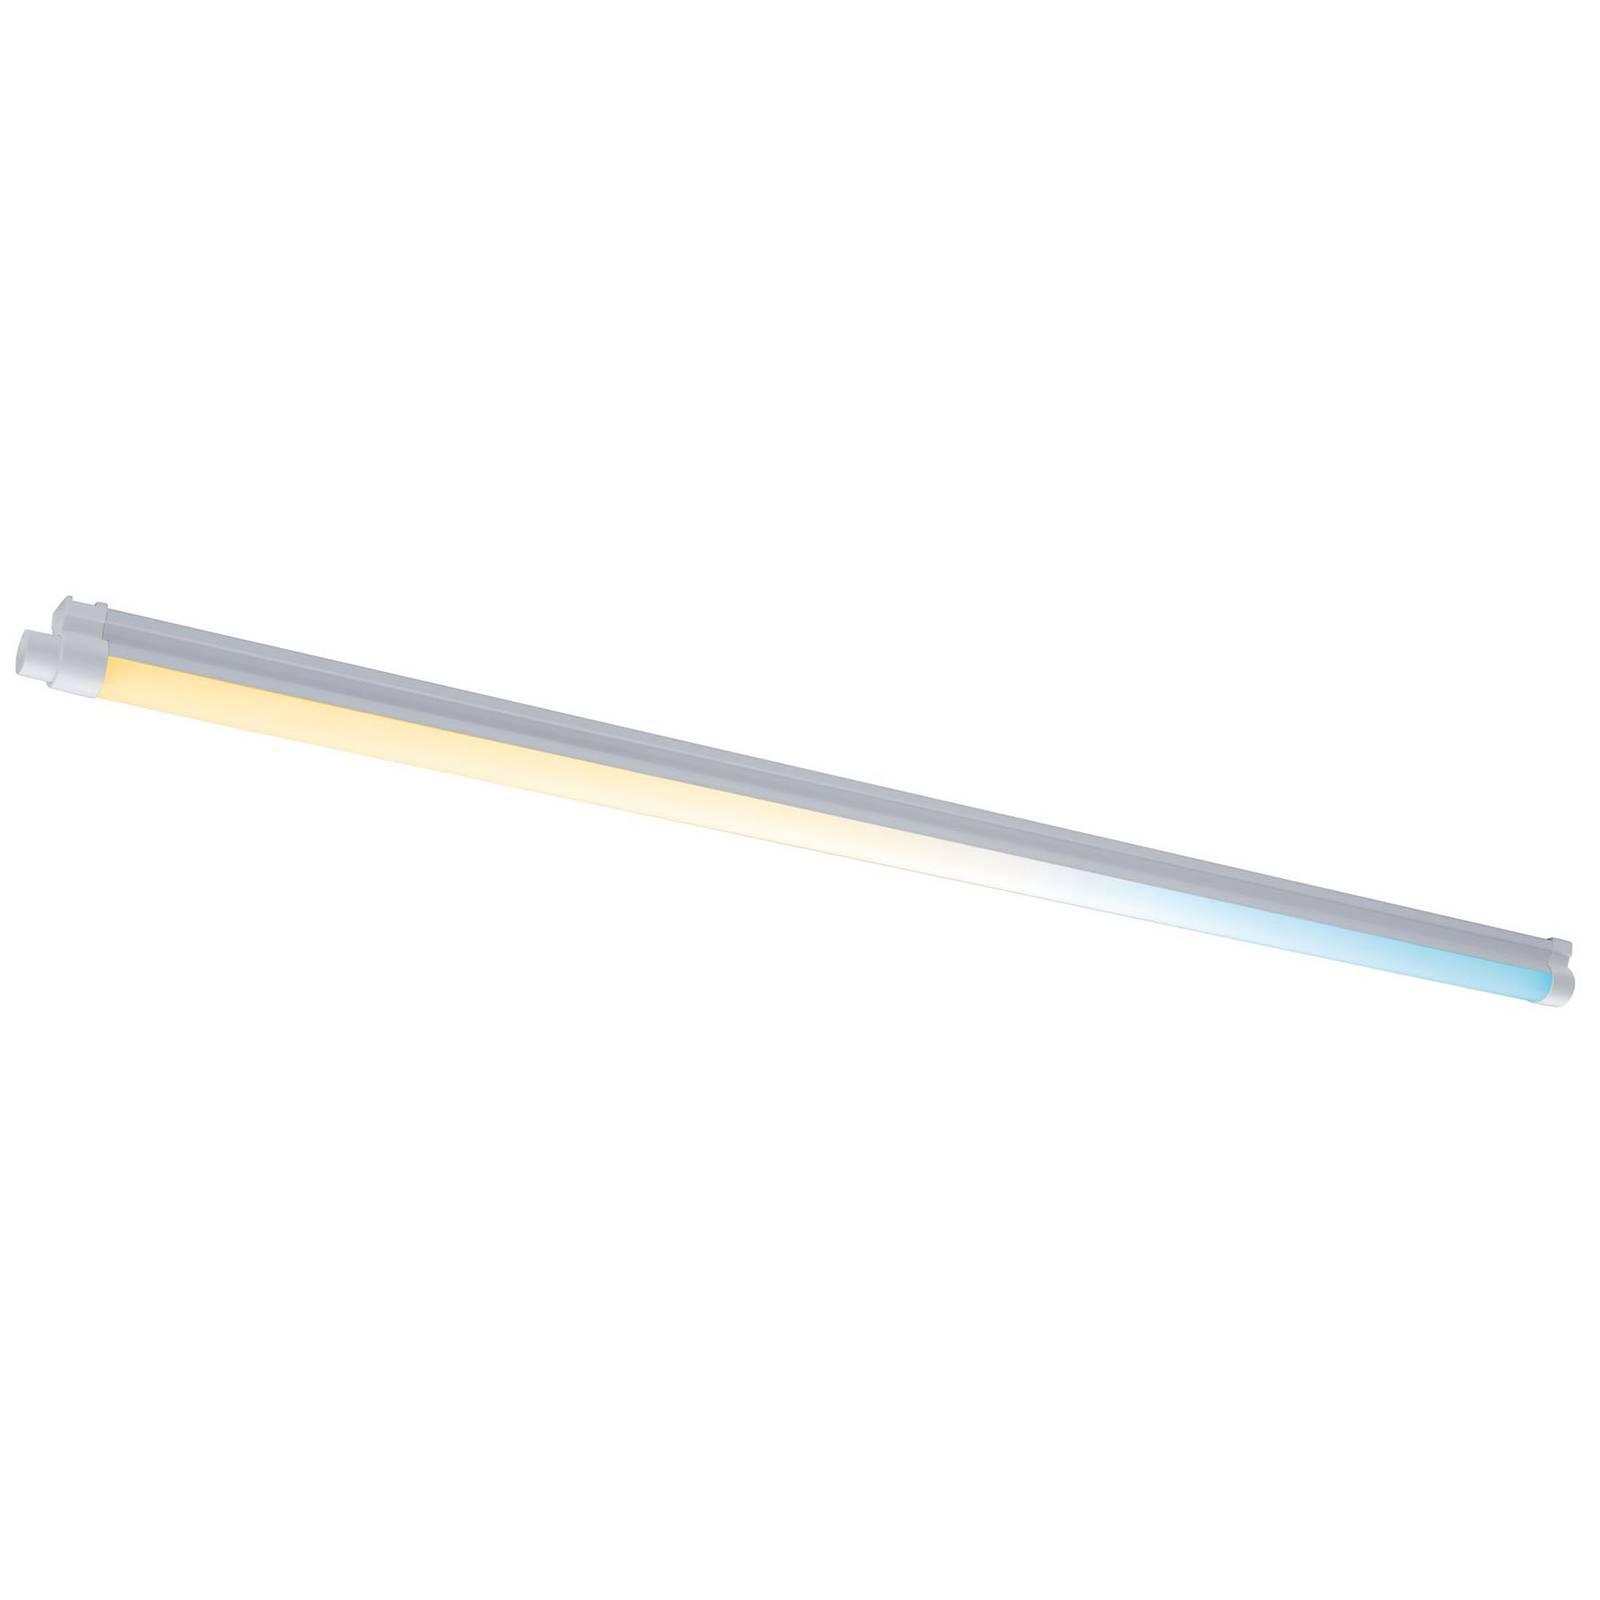 Paulmann -LED-kaapinalusvalaisin Basel, CCT 90 cm